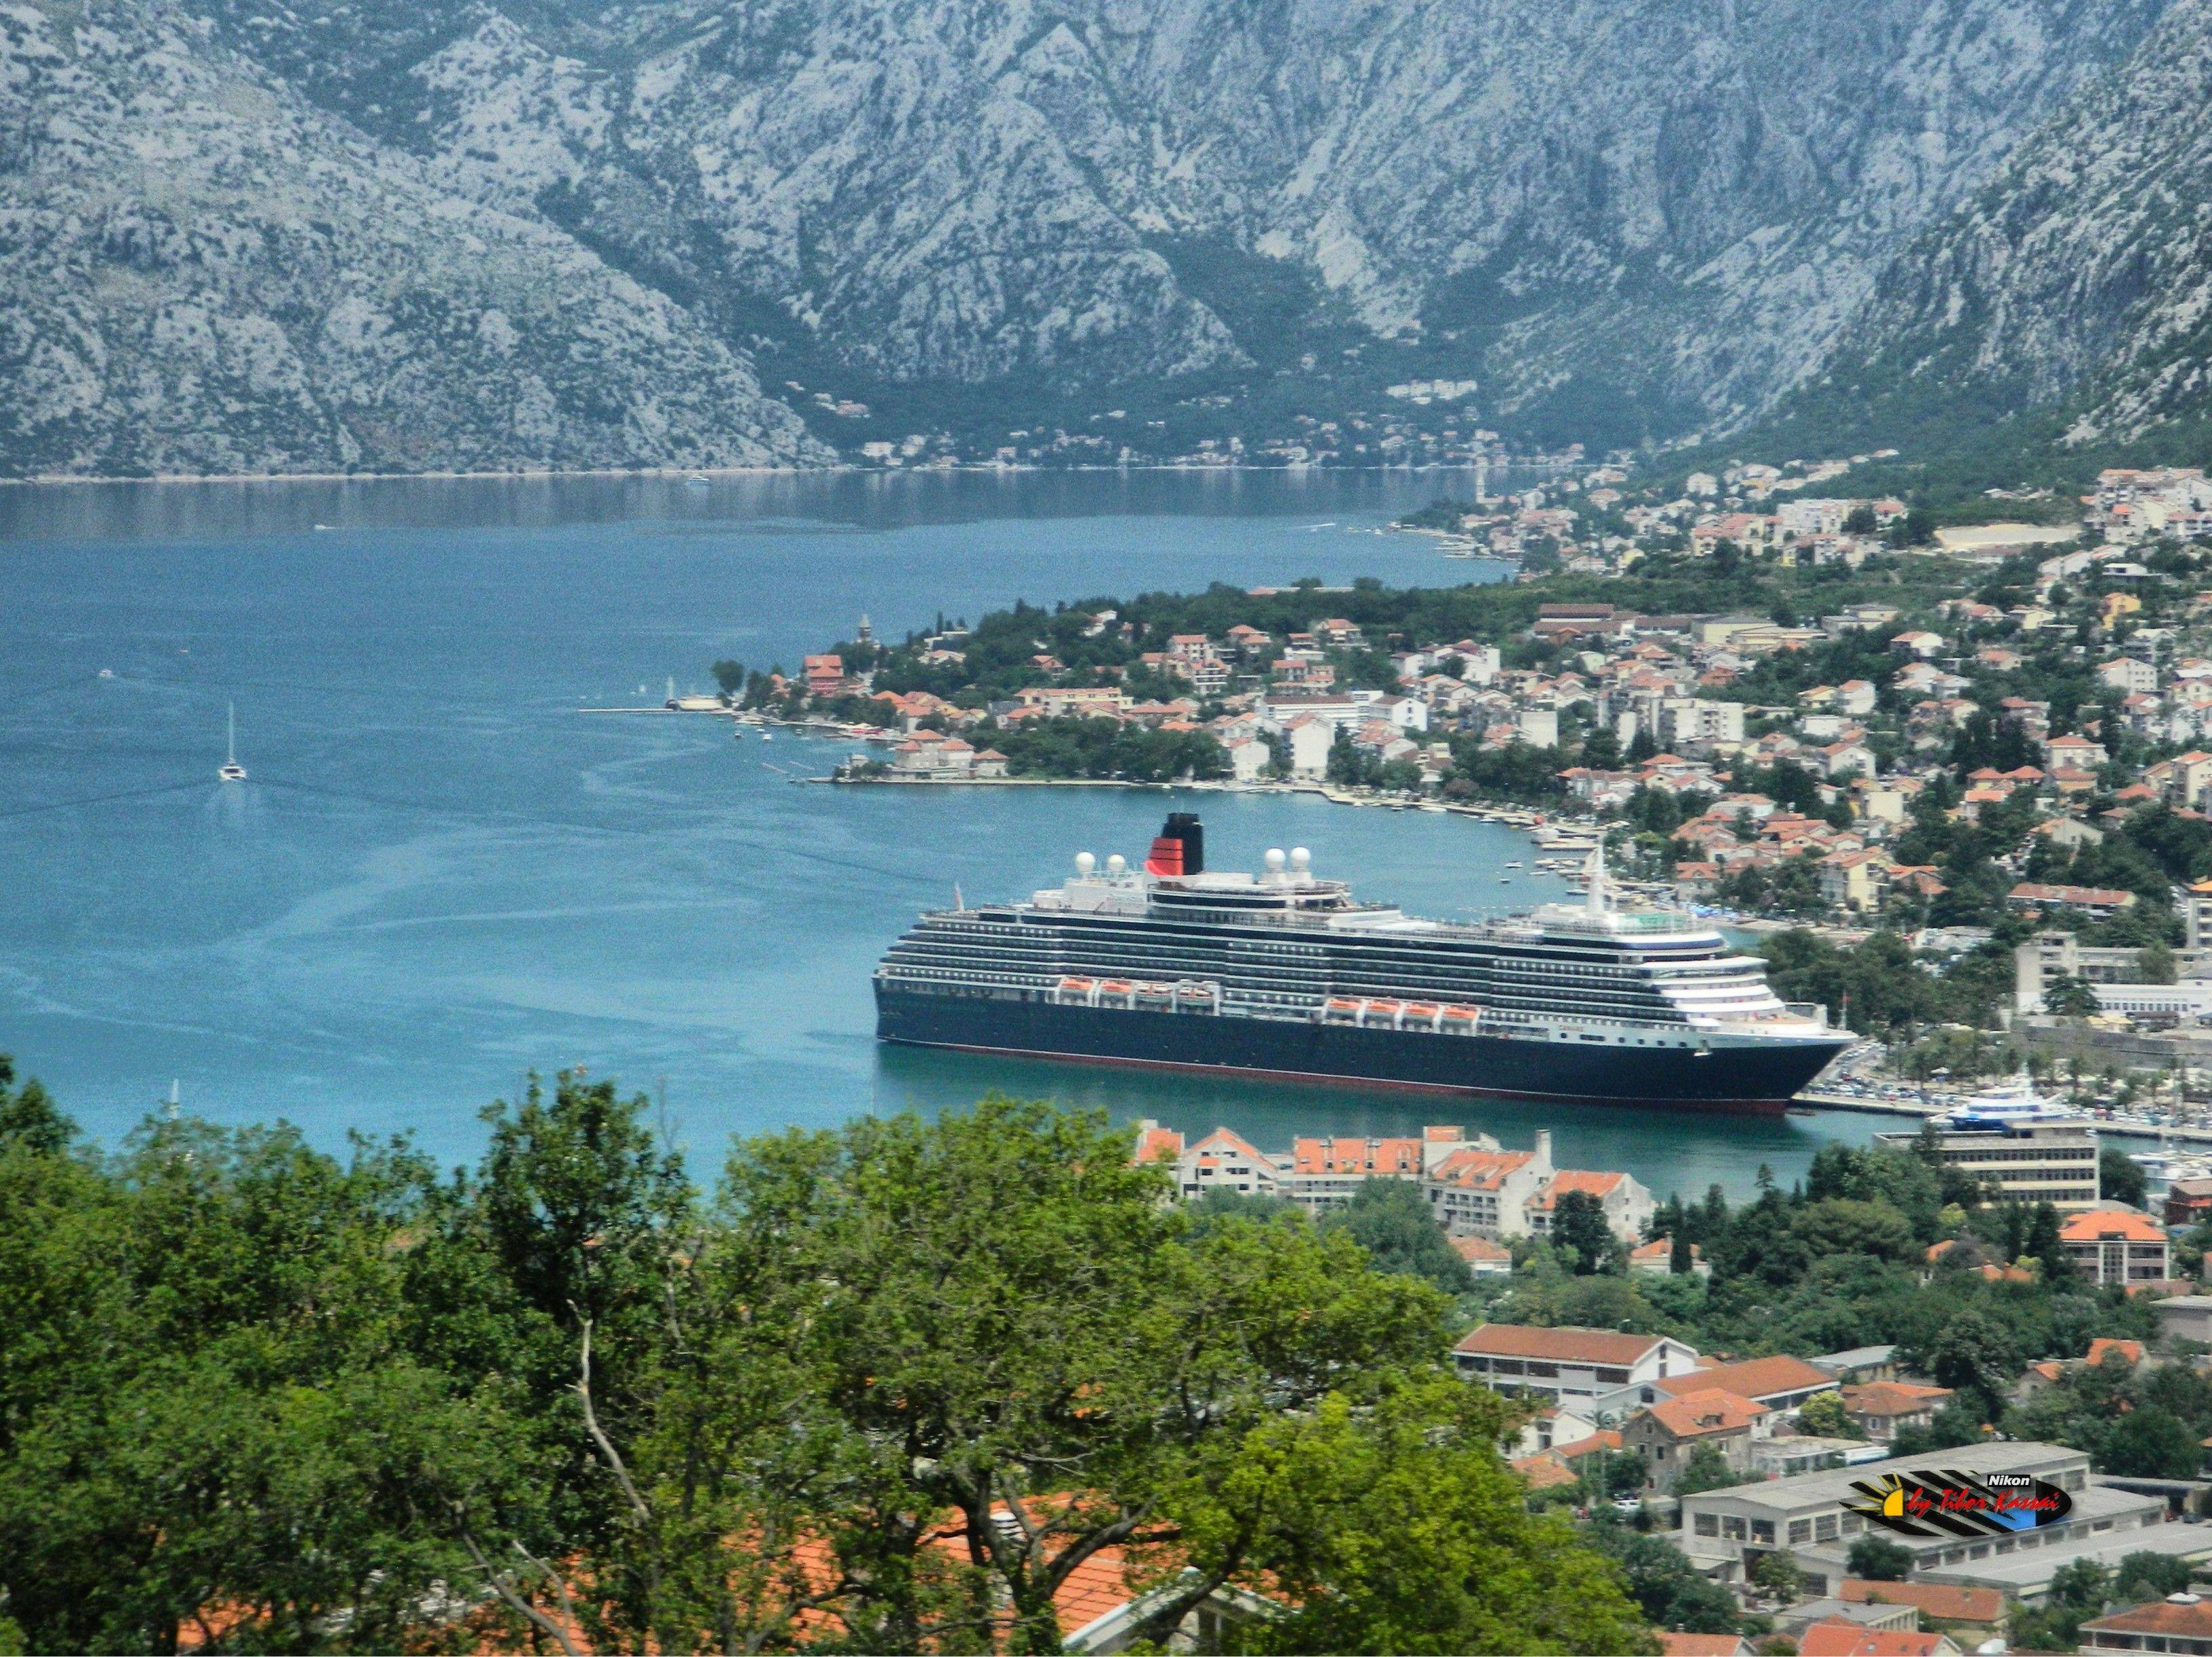 Queen Victoria Cruise Ship Bay Of Kotor Montenegro Nikon - Tracking queen victoria cruise ship